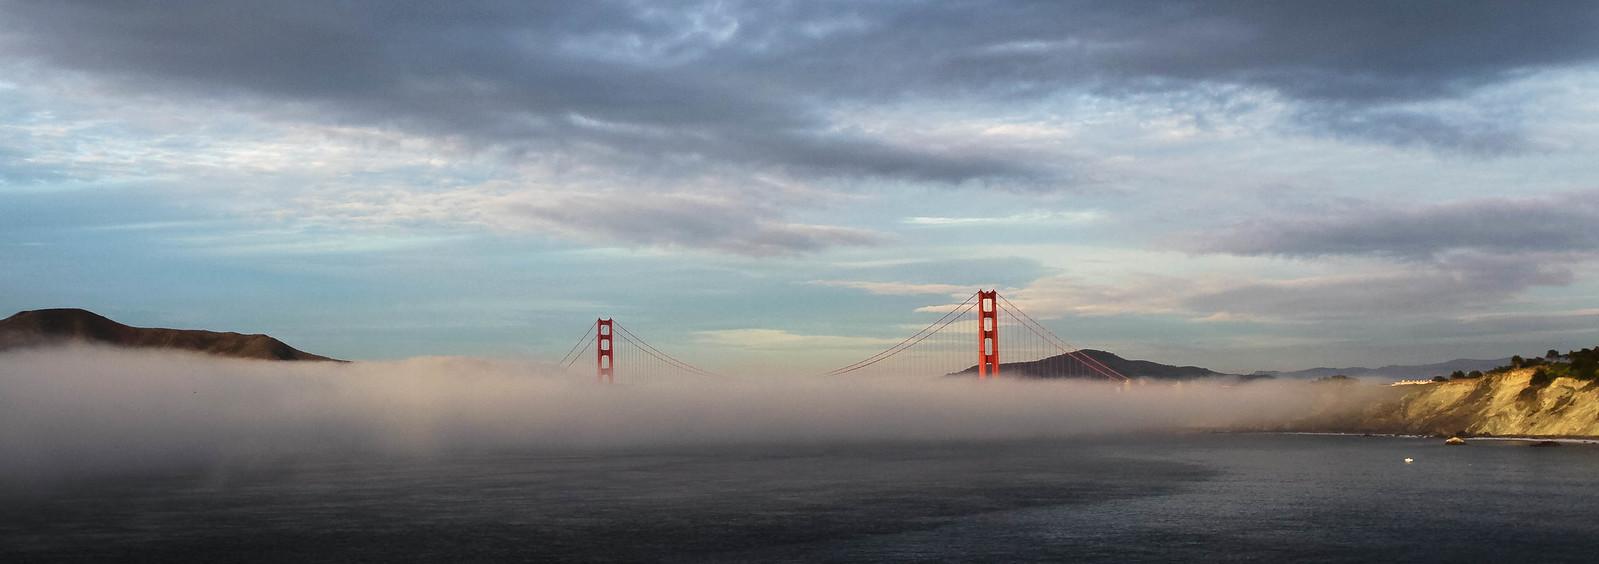 Evening Fog Coming In (Explore 6 June 2013)